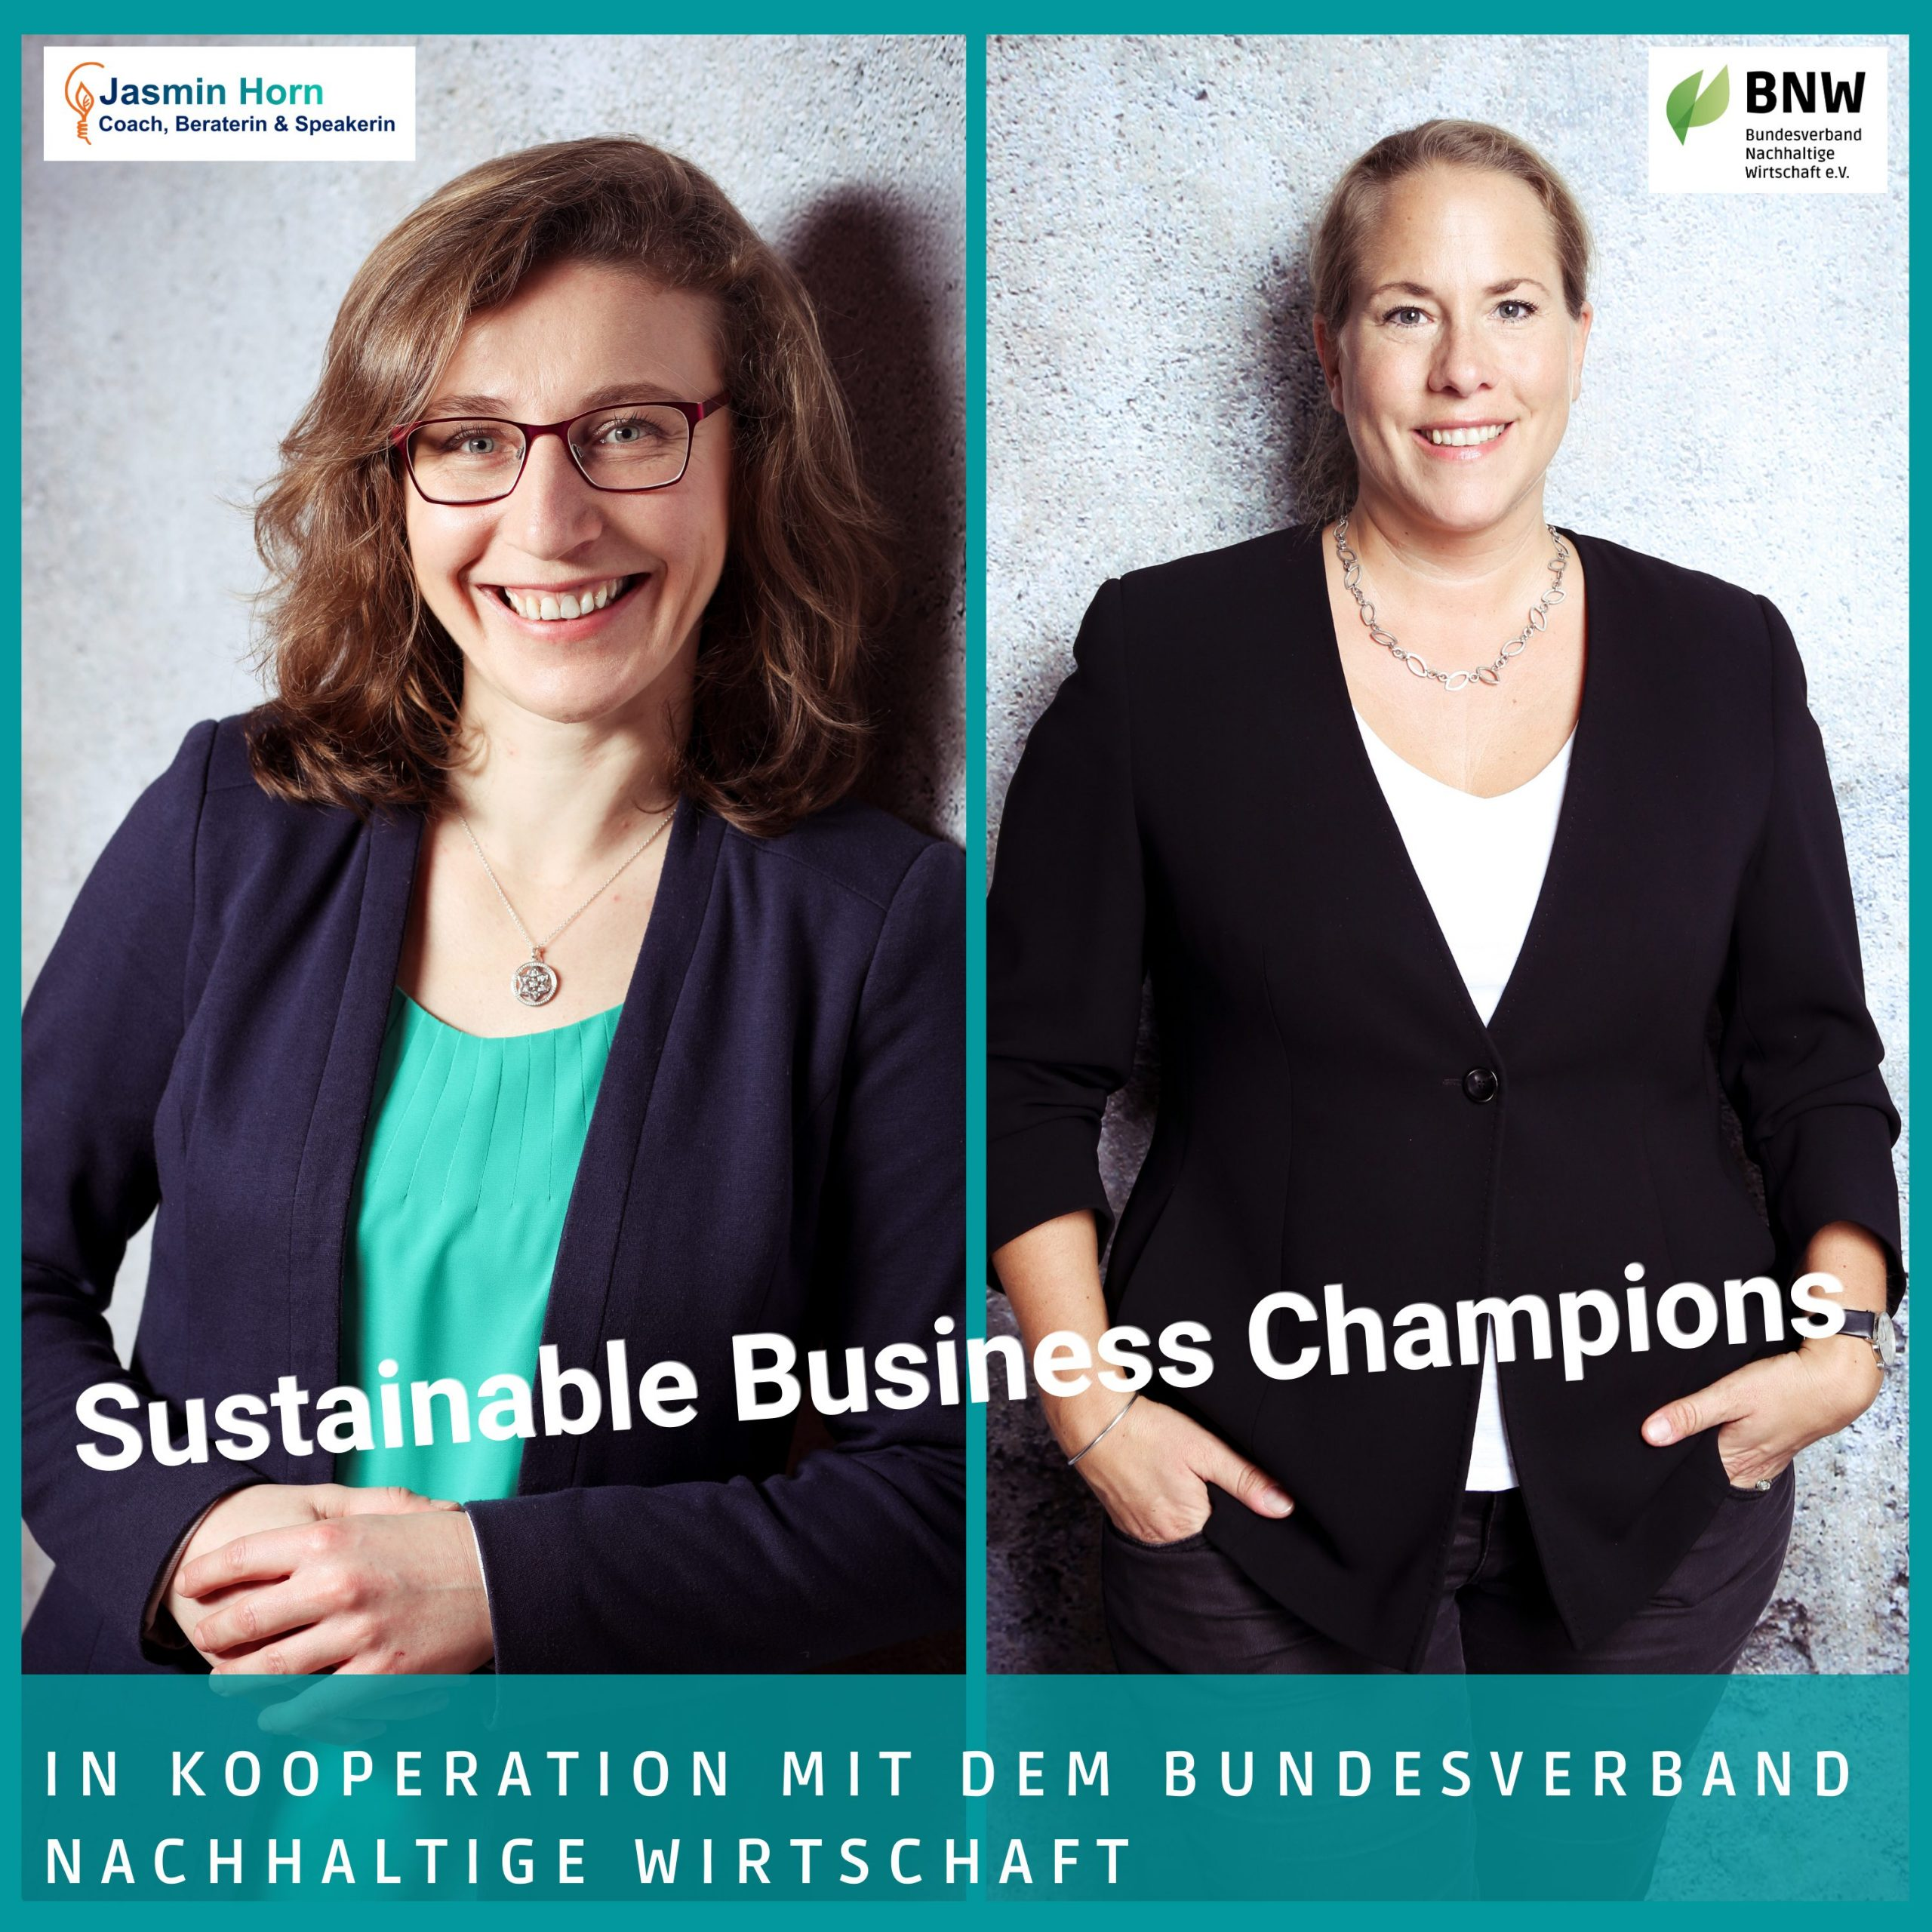 Sustainable Business Champions_Verbandsarbeit für Nachhaltigkeit_Katharina Reuter_Jasmin Horn_Coverbild